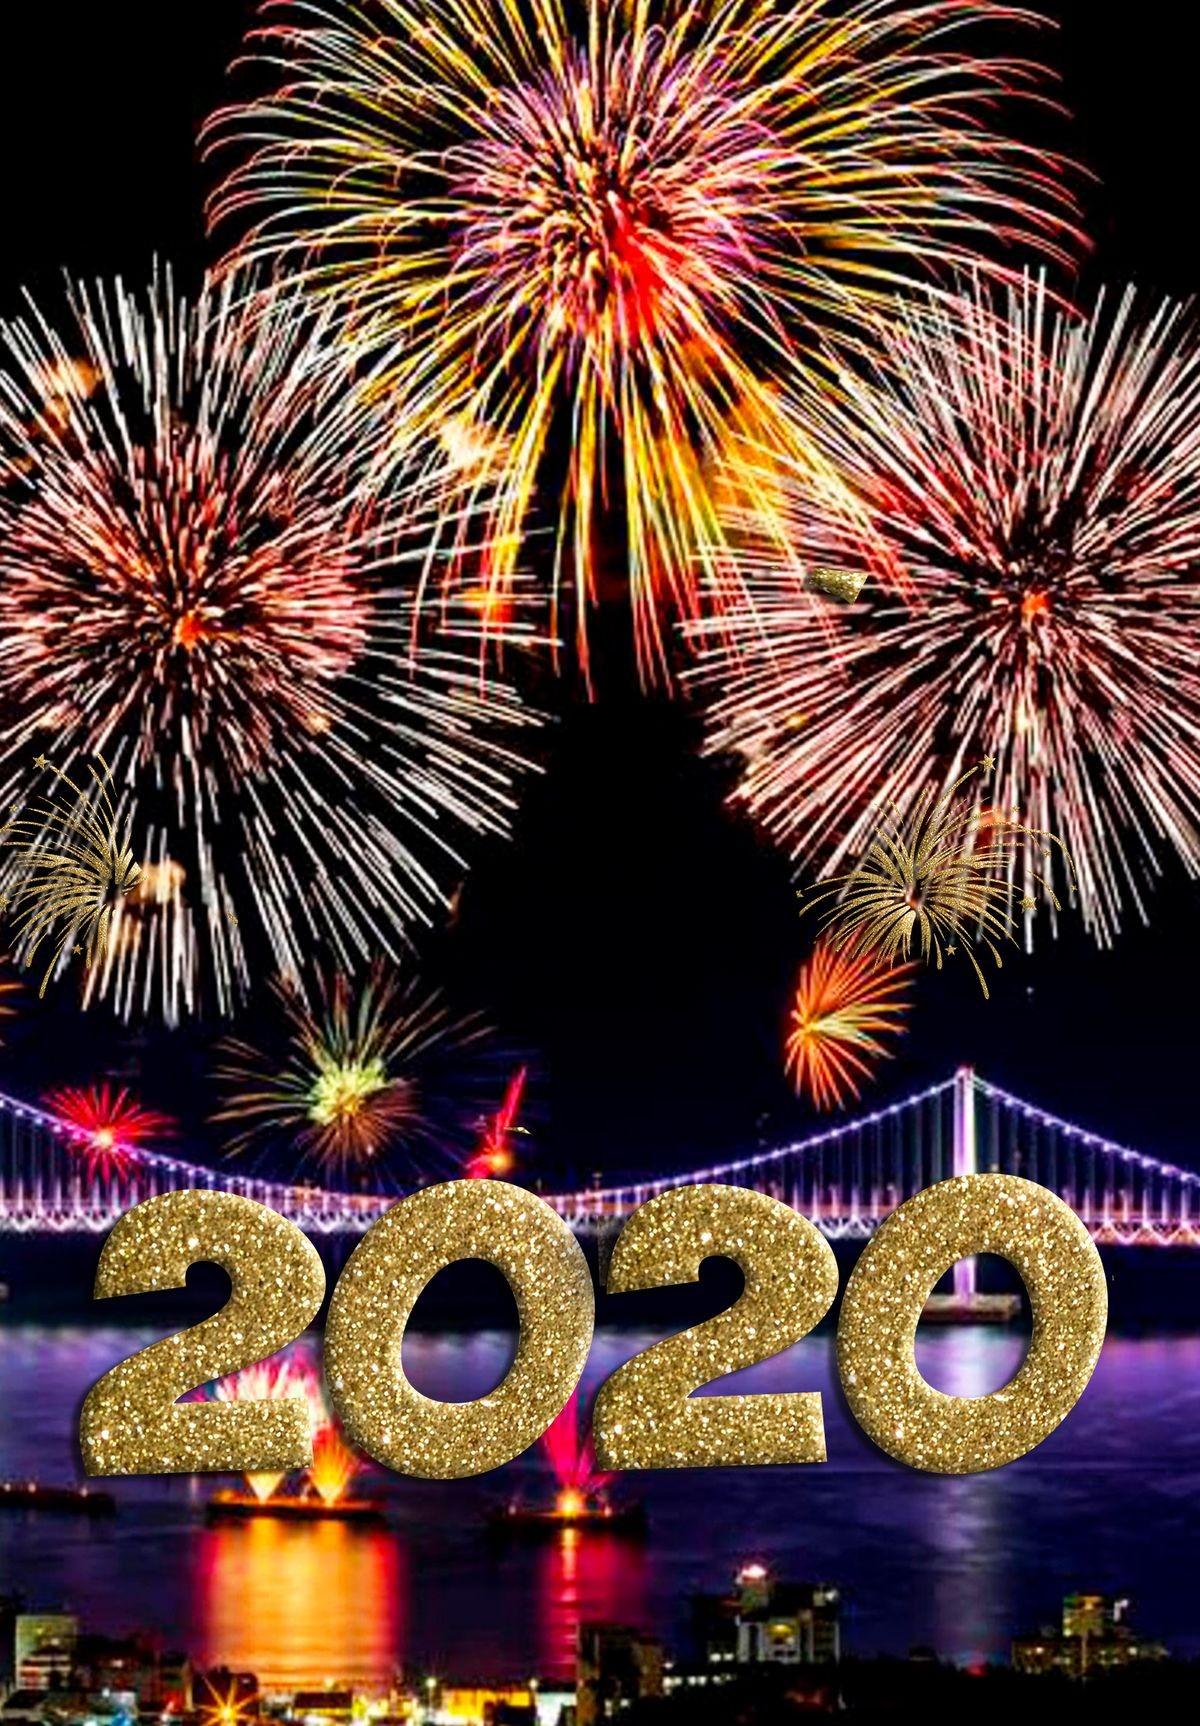 İnanılmaz 2020 İçin Yeni Yılınız Kutlu Olsun Mesajları